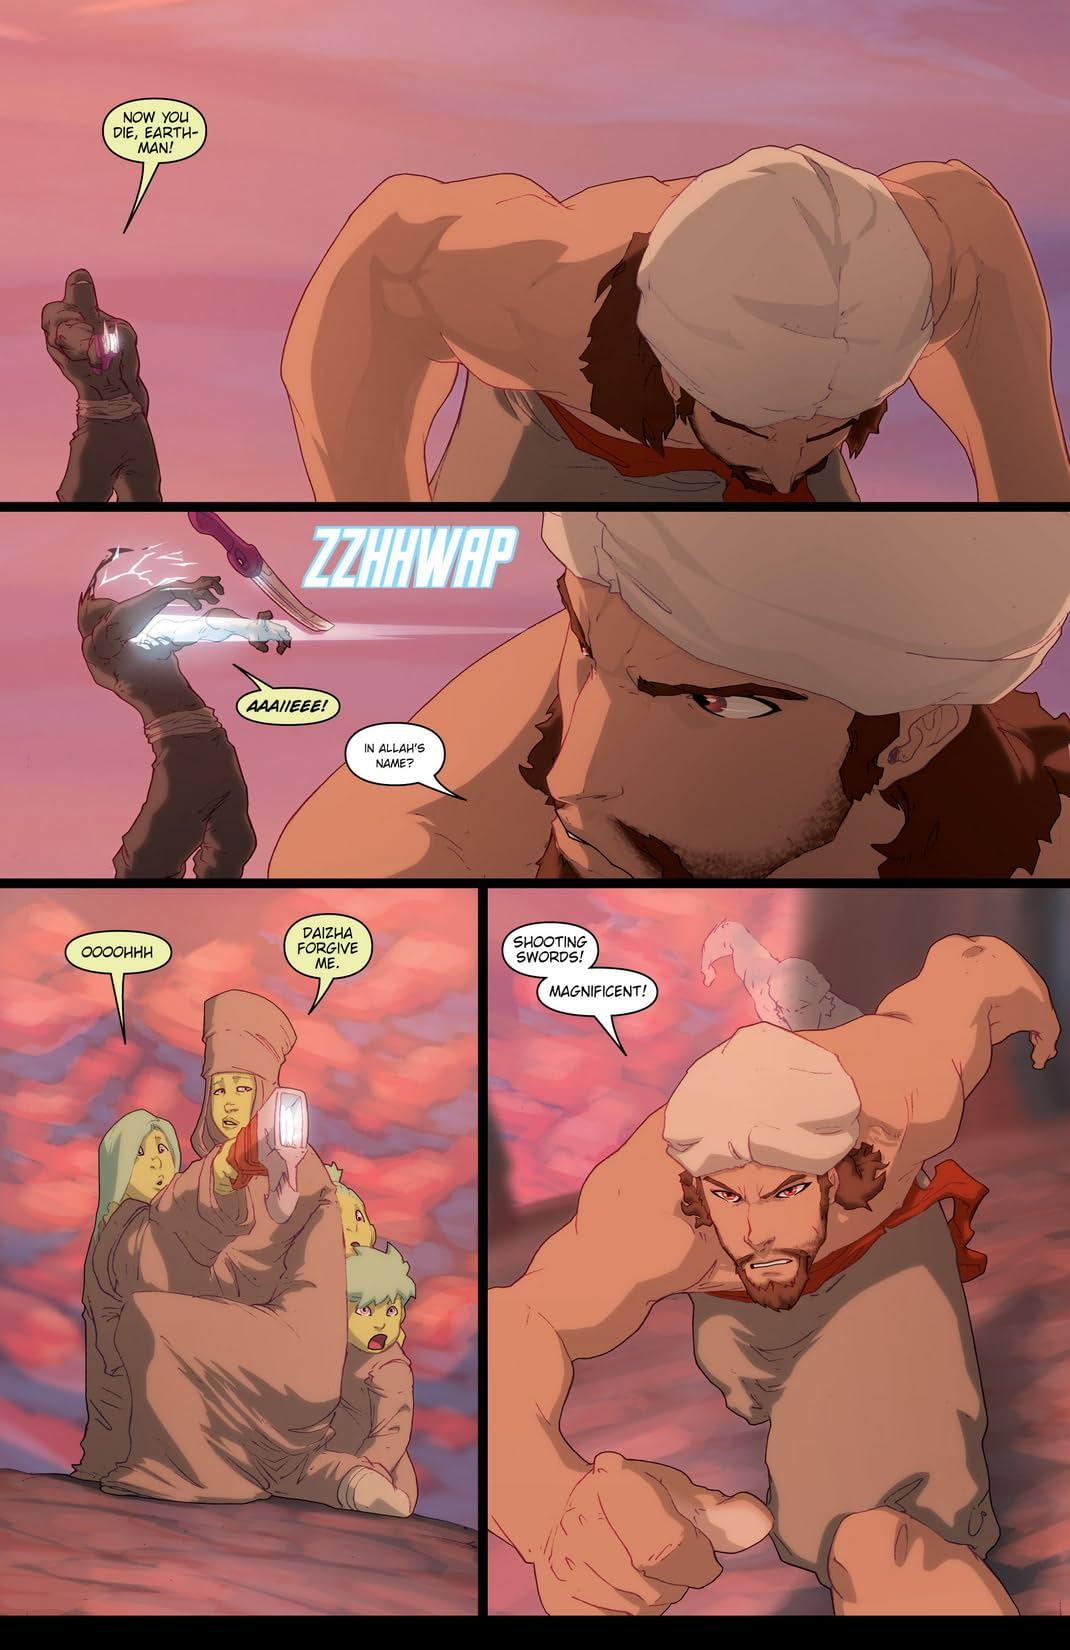 Ray Harryhausen Presents: Sinbad - Rogue of Mars #3